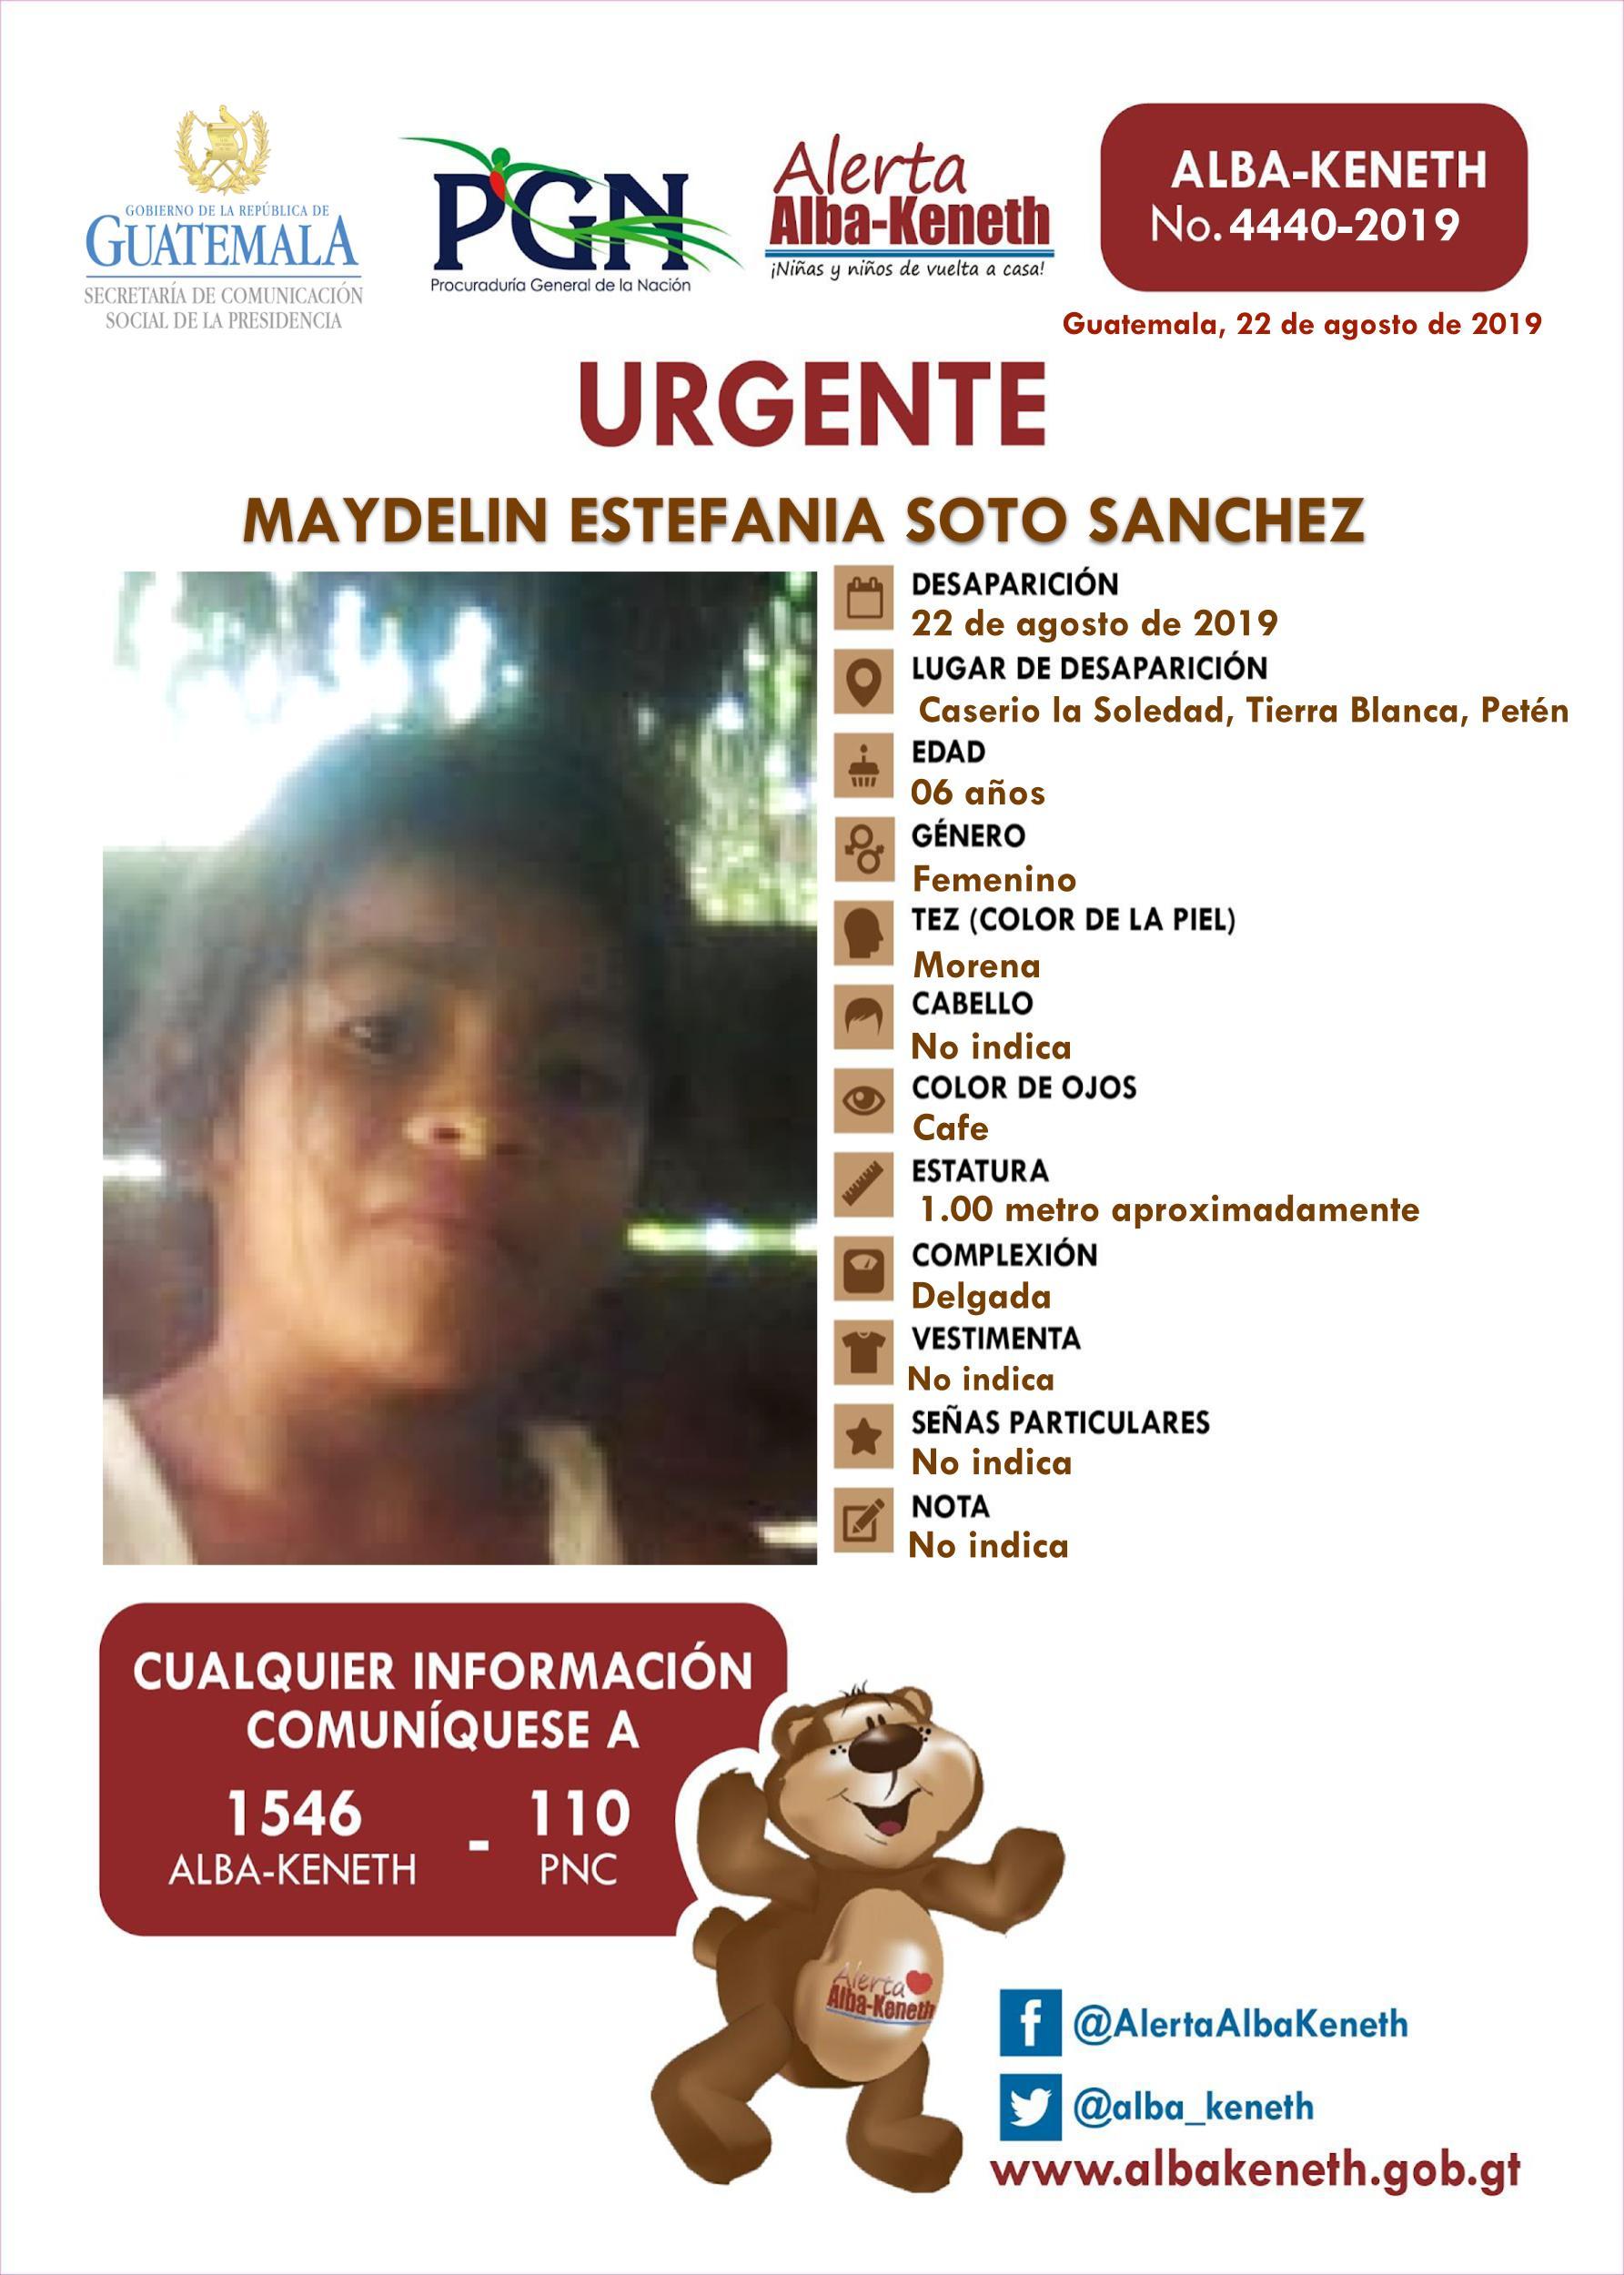 Maydelin Estefania Soto Sanchez